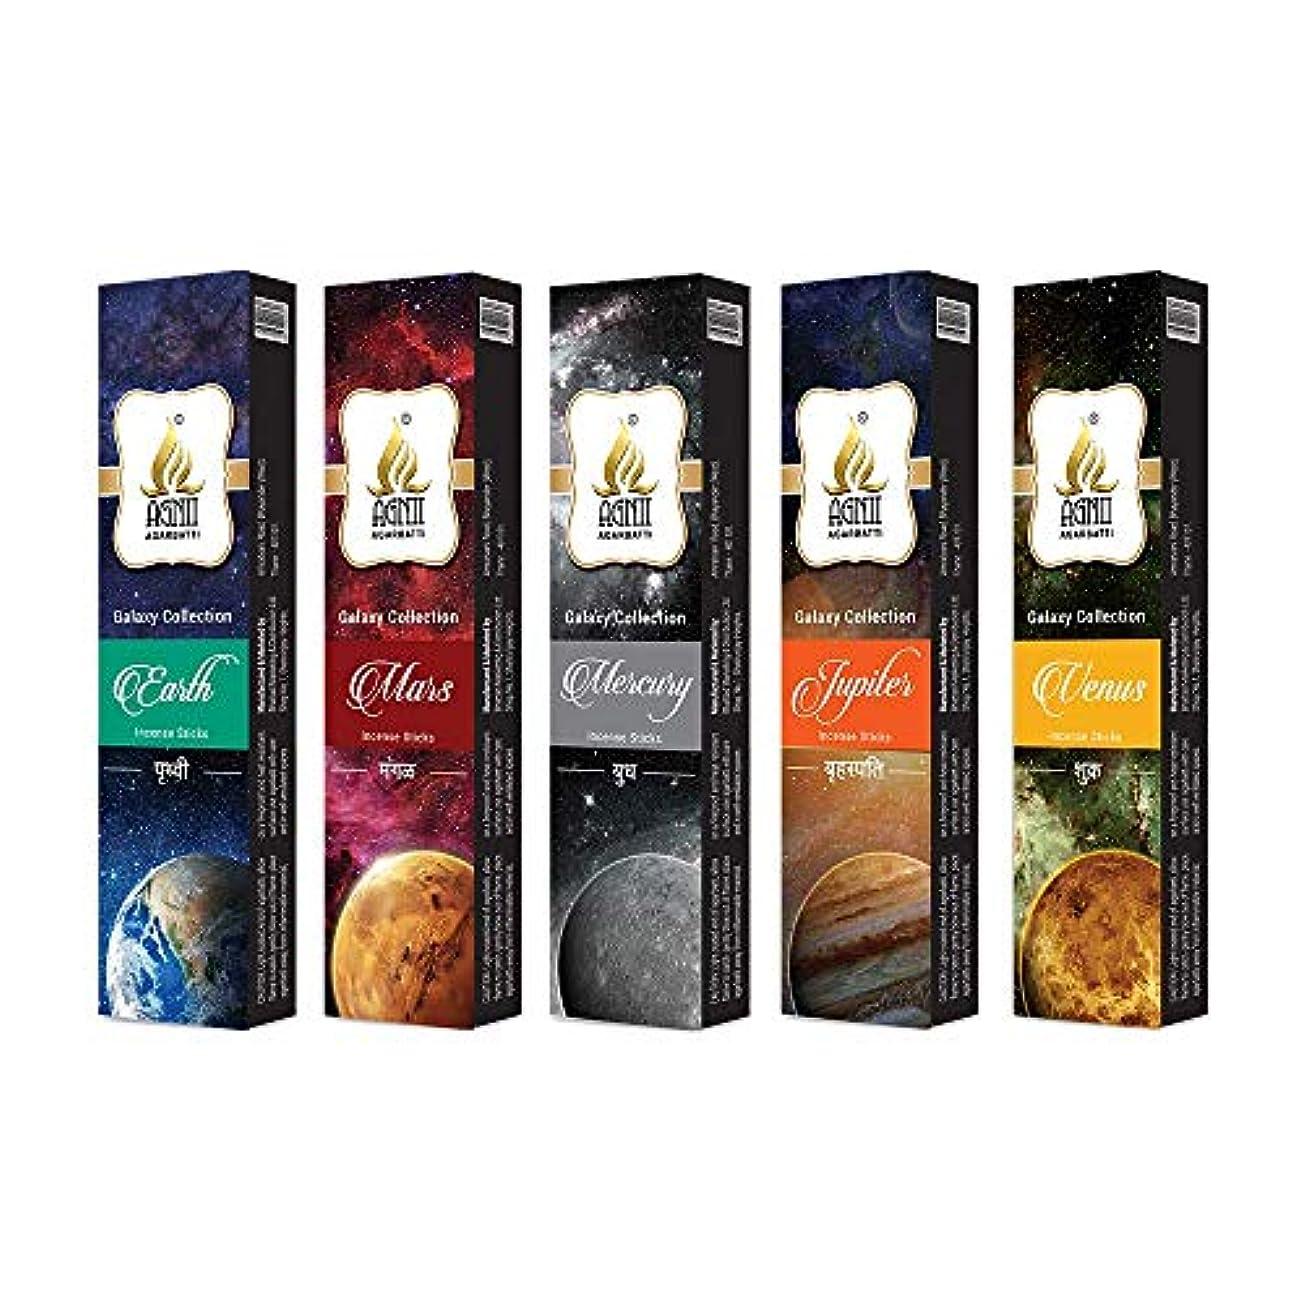 プレミアリスク略奪AGNII AGARBATTI Galaxy Collection Incense Sticks (100 GRM_Brown) Pack of 9